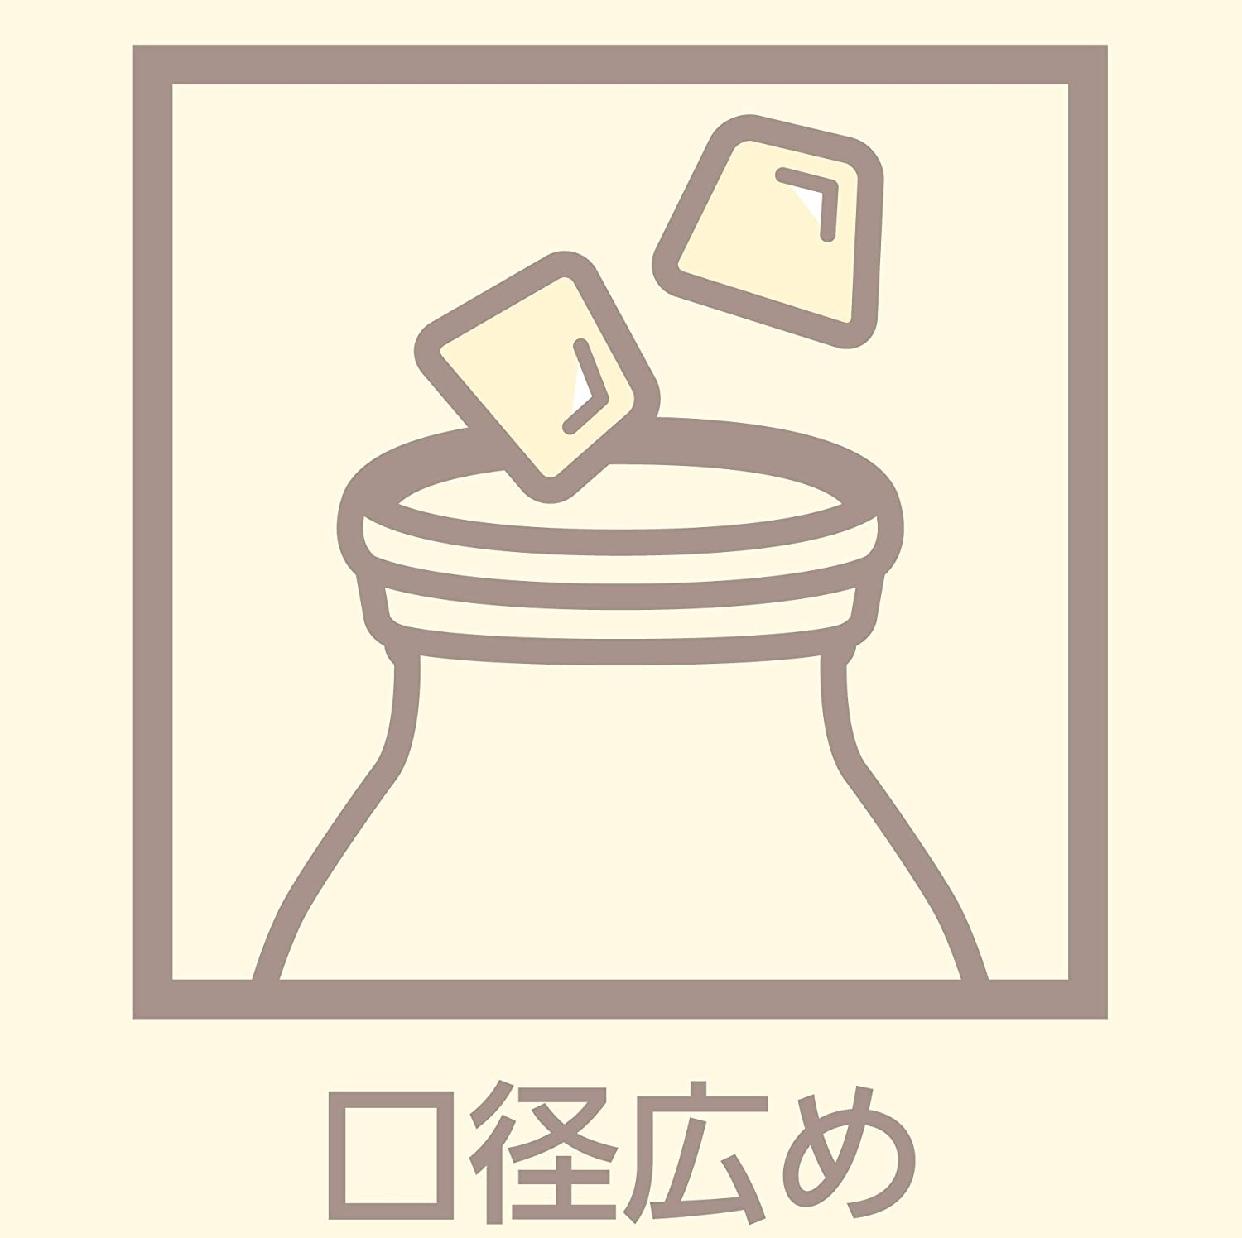 DOSHISHA(ドウシシャ)mosh!ボトル DMMB350の商品画像14